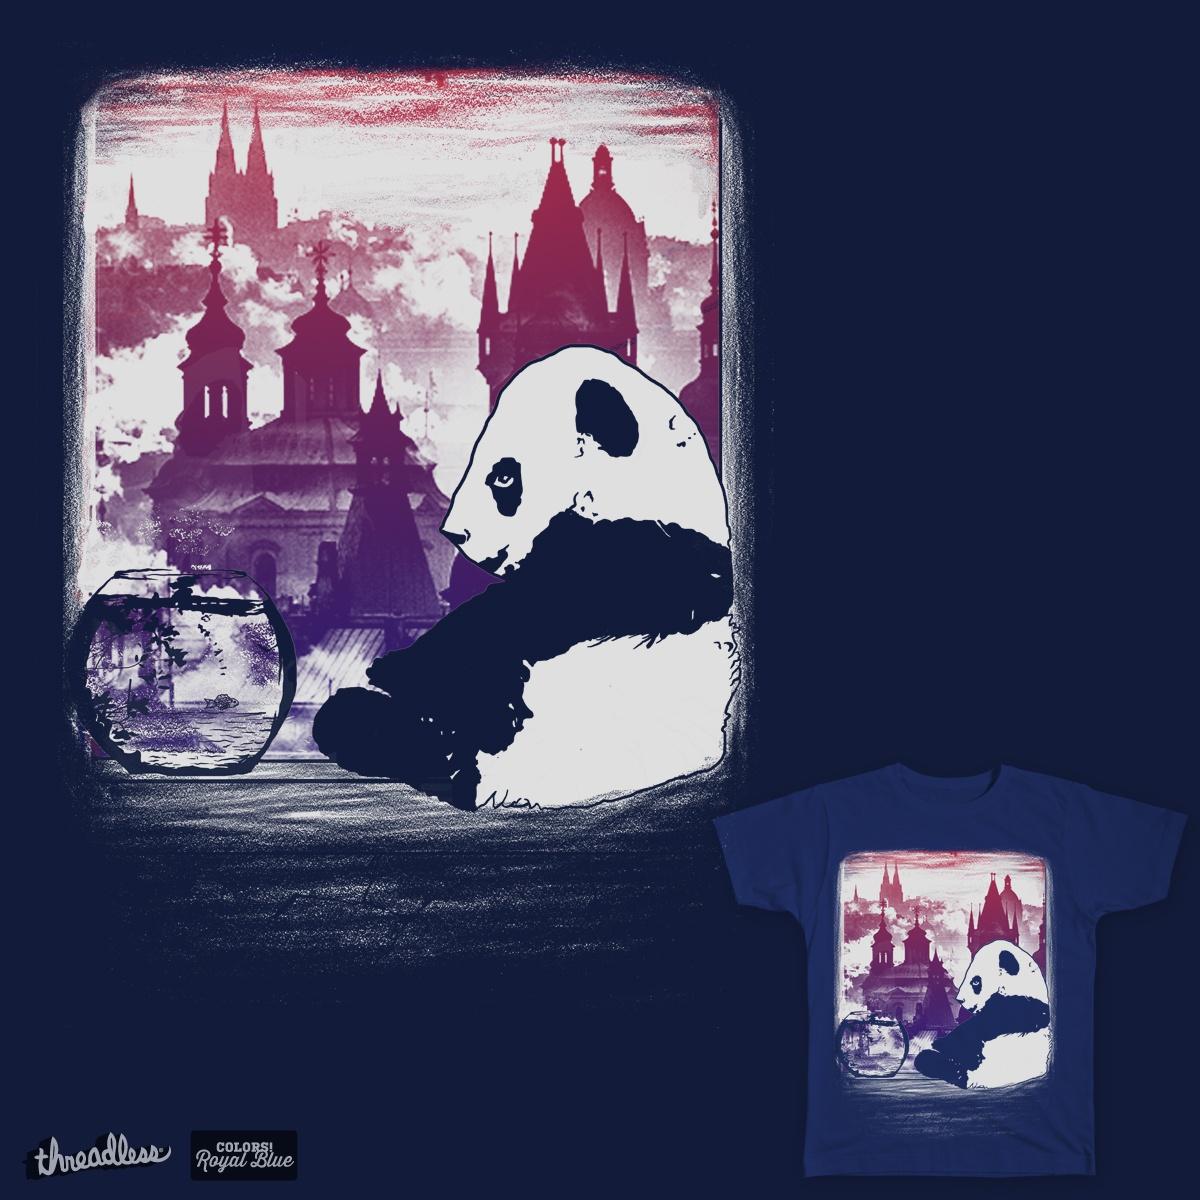 moodless panda by gupikus on Threadless